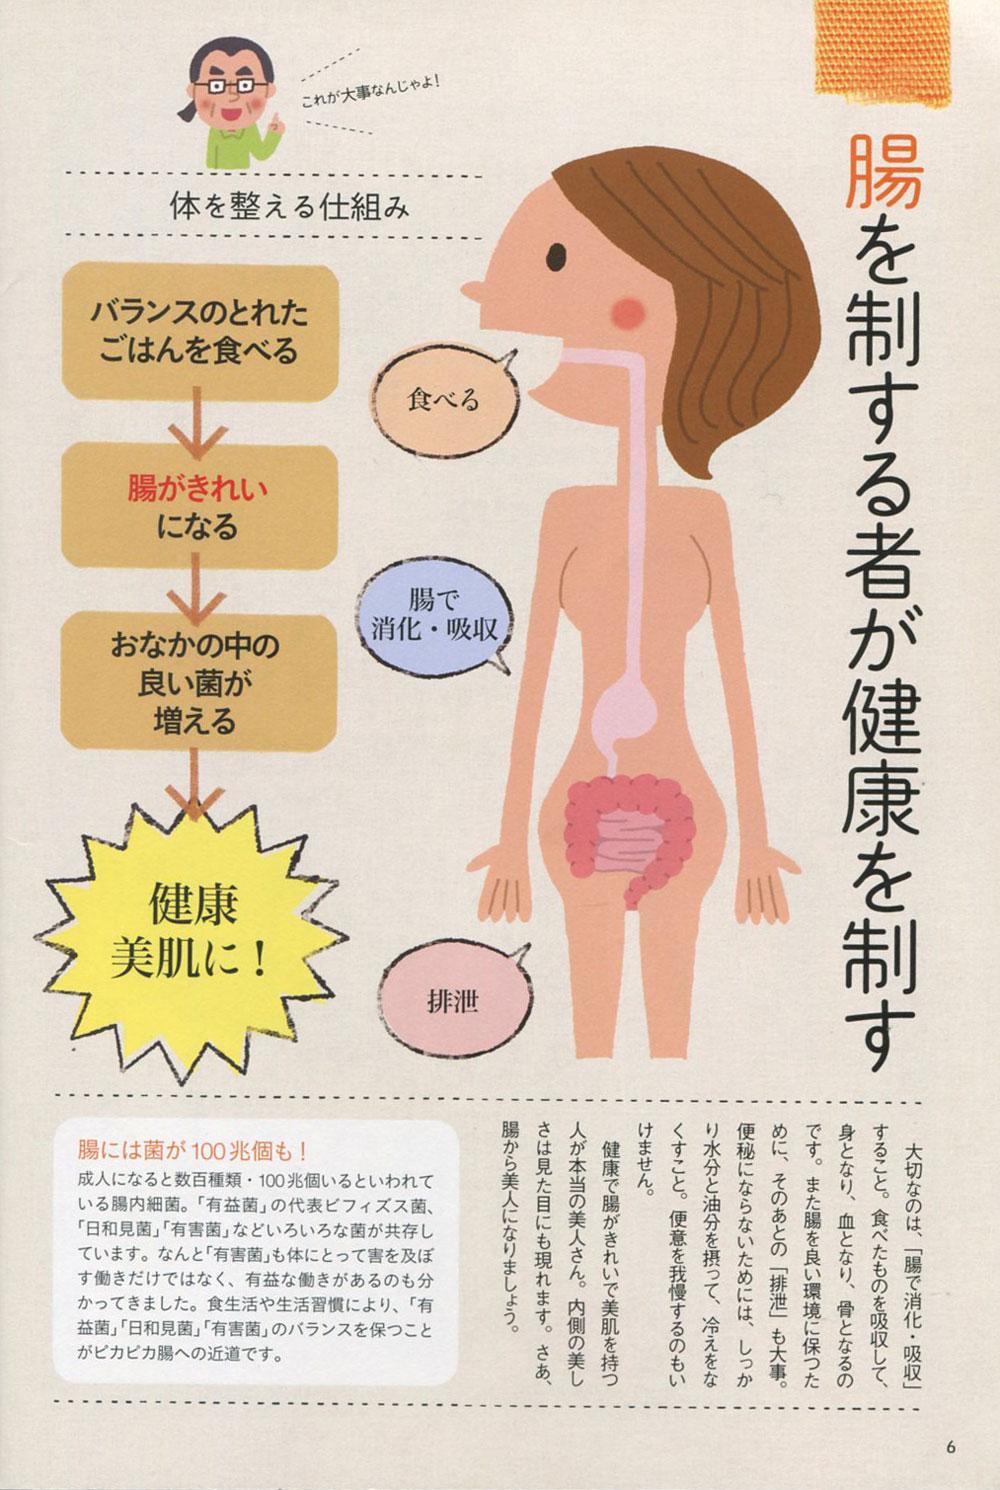 腸を制するものが健康を制す